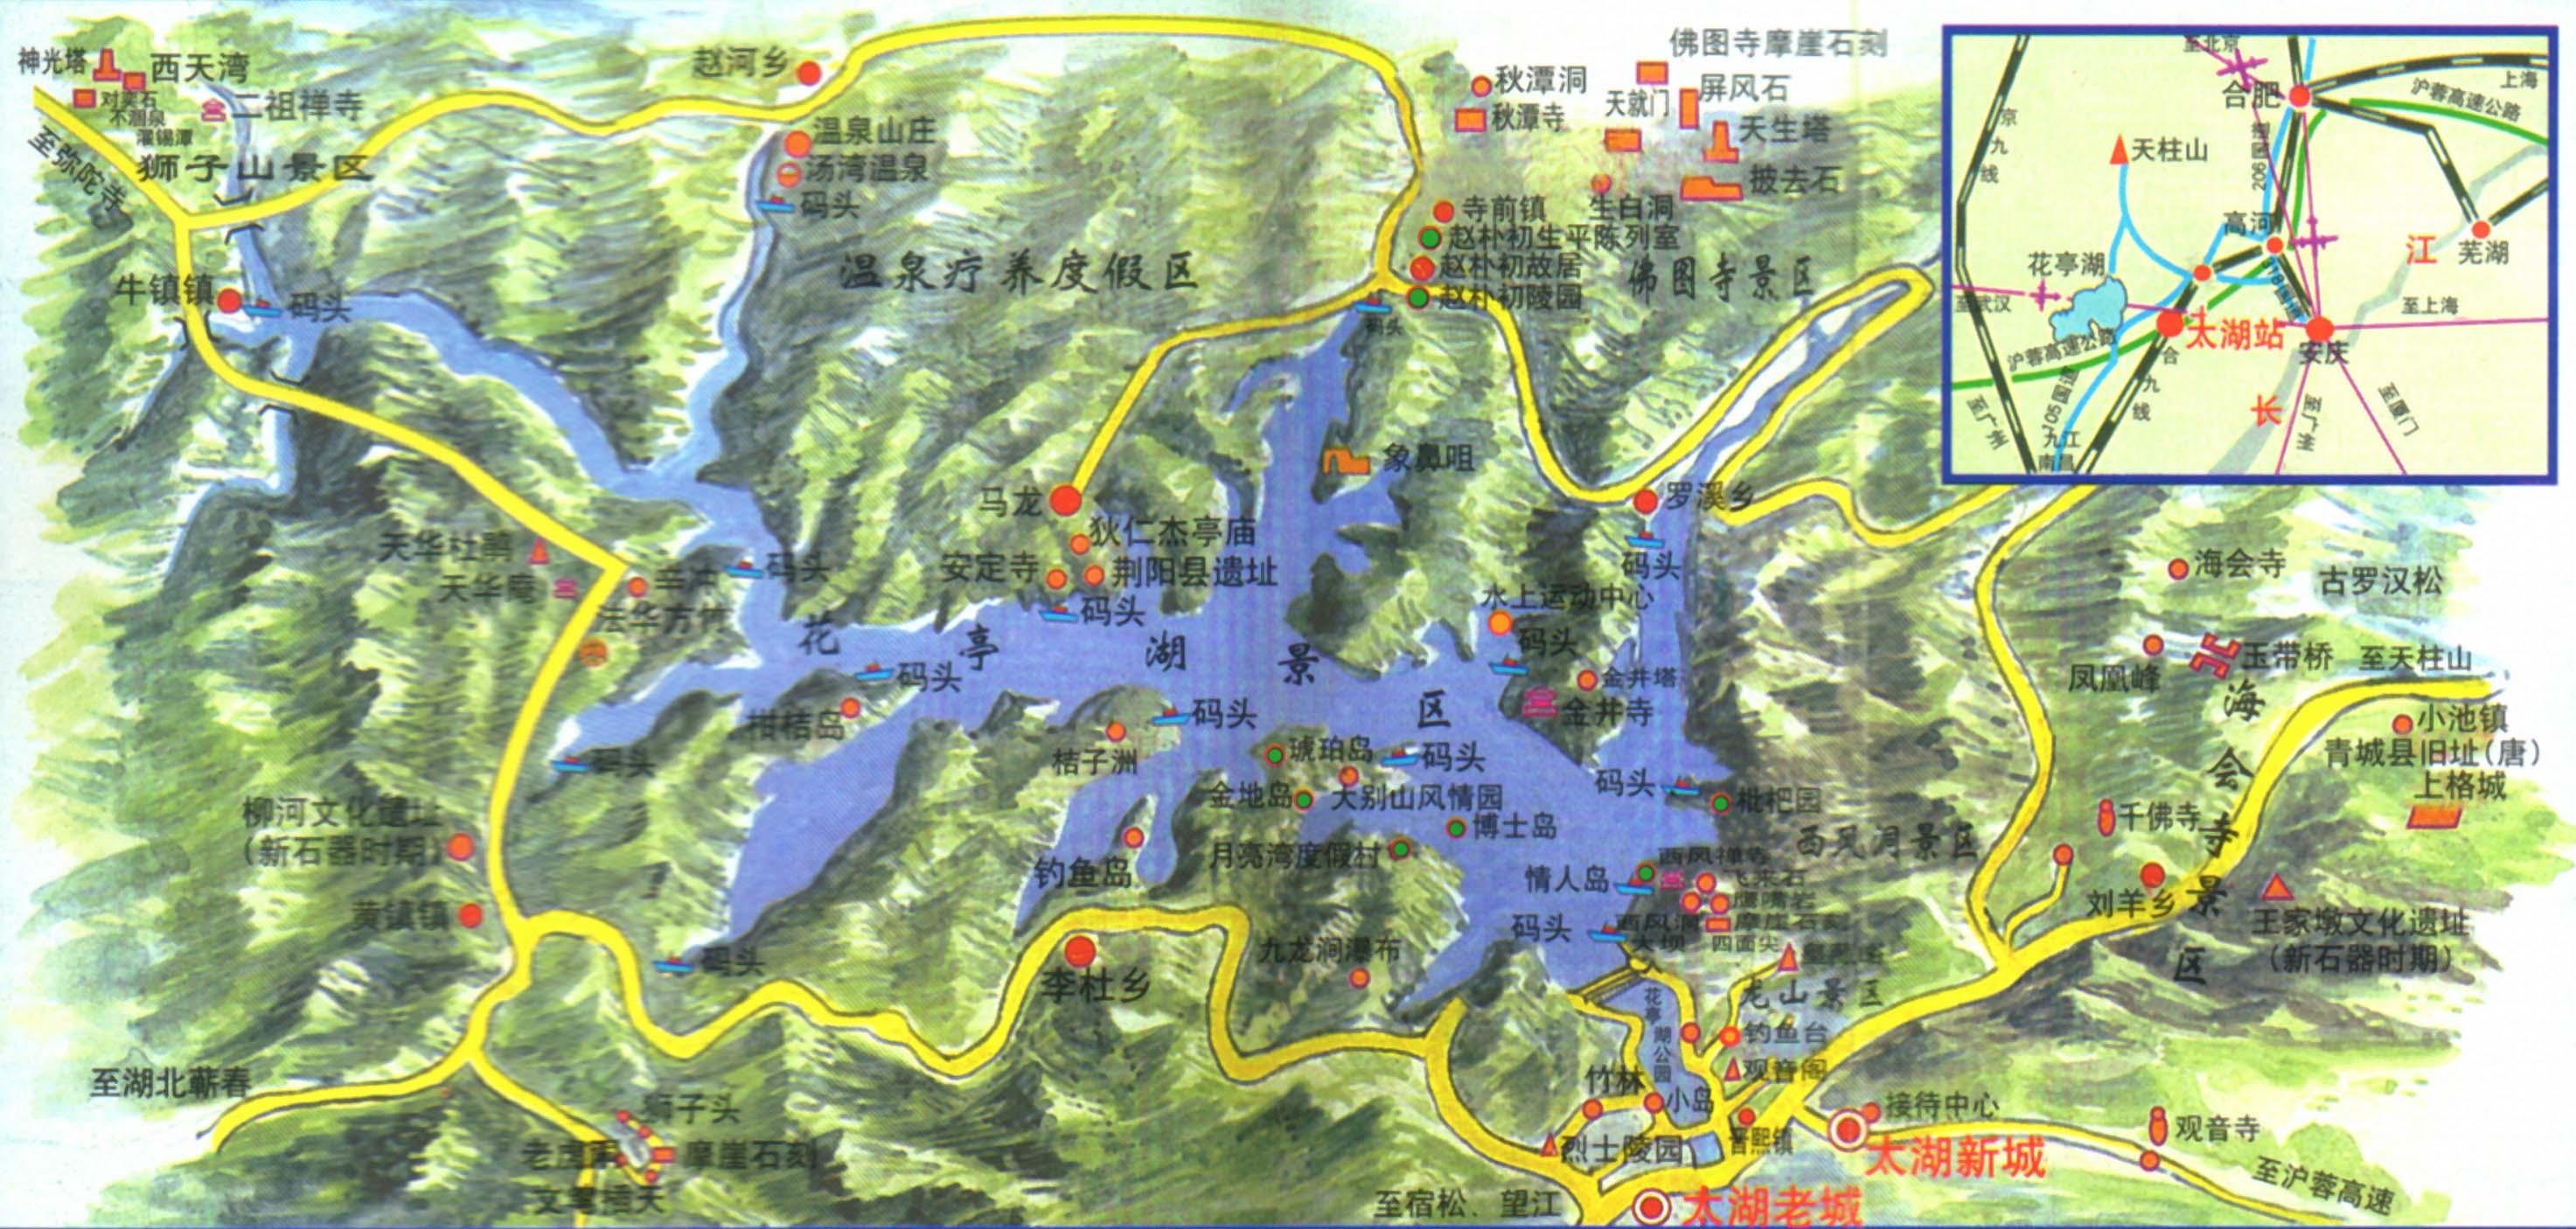 太湖县地图图片